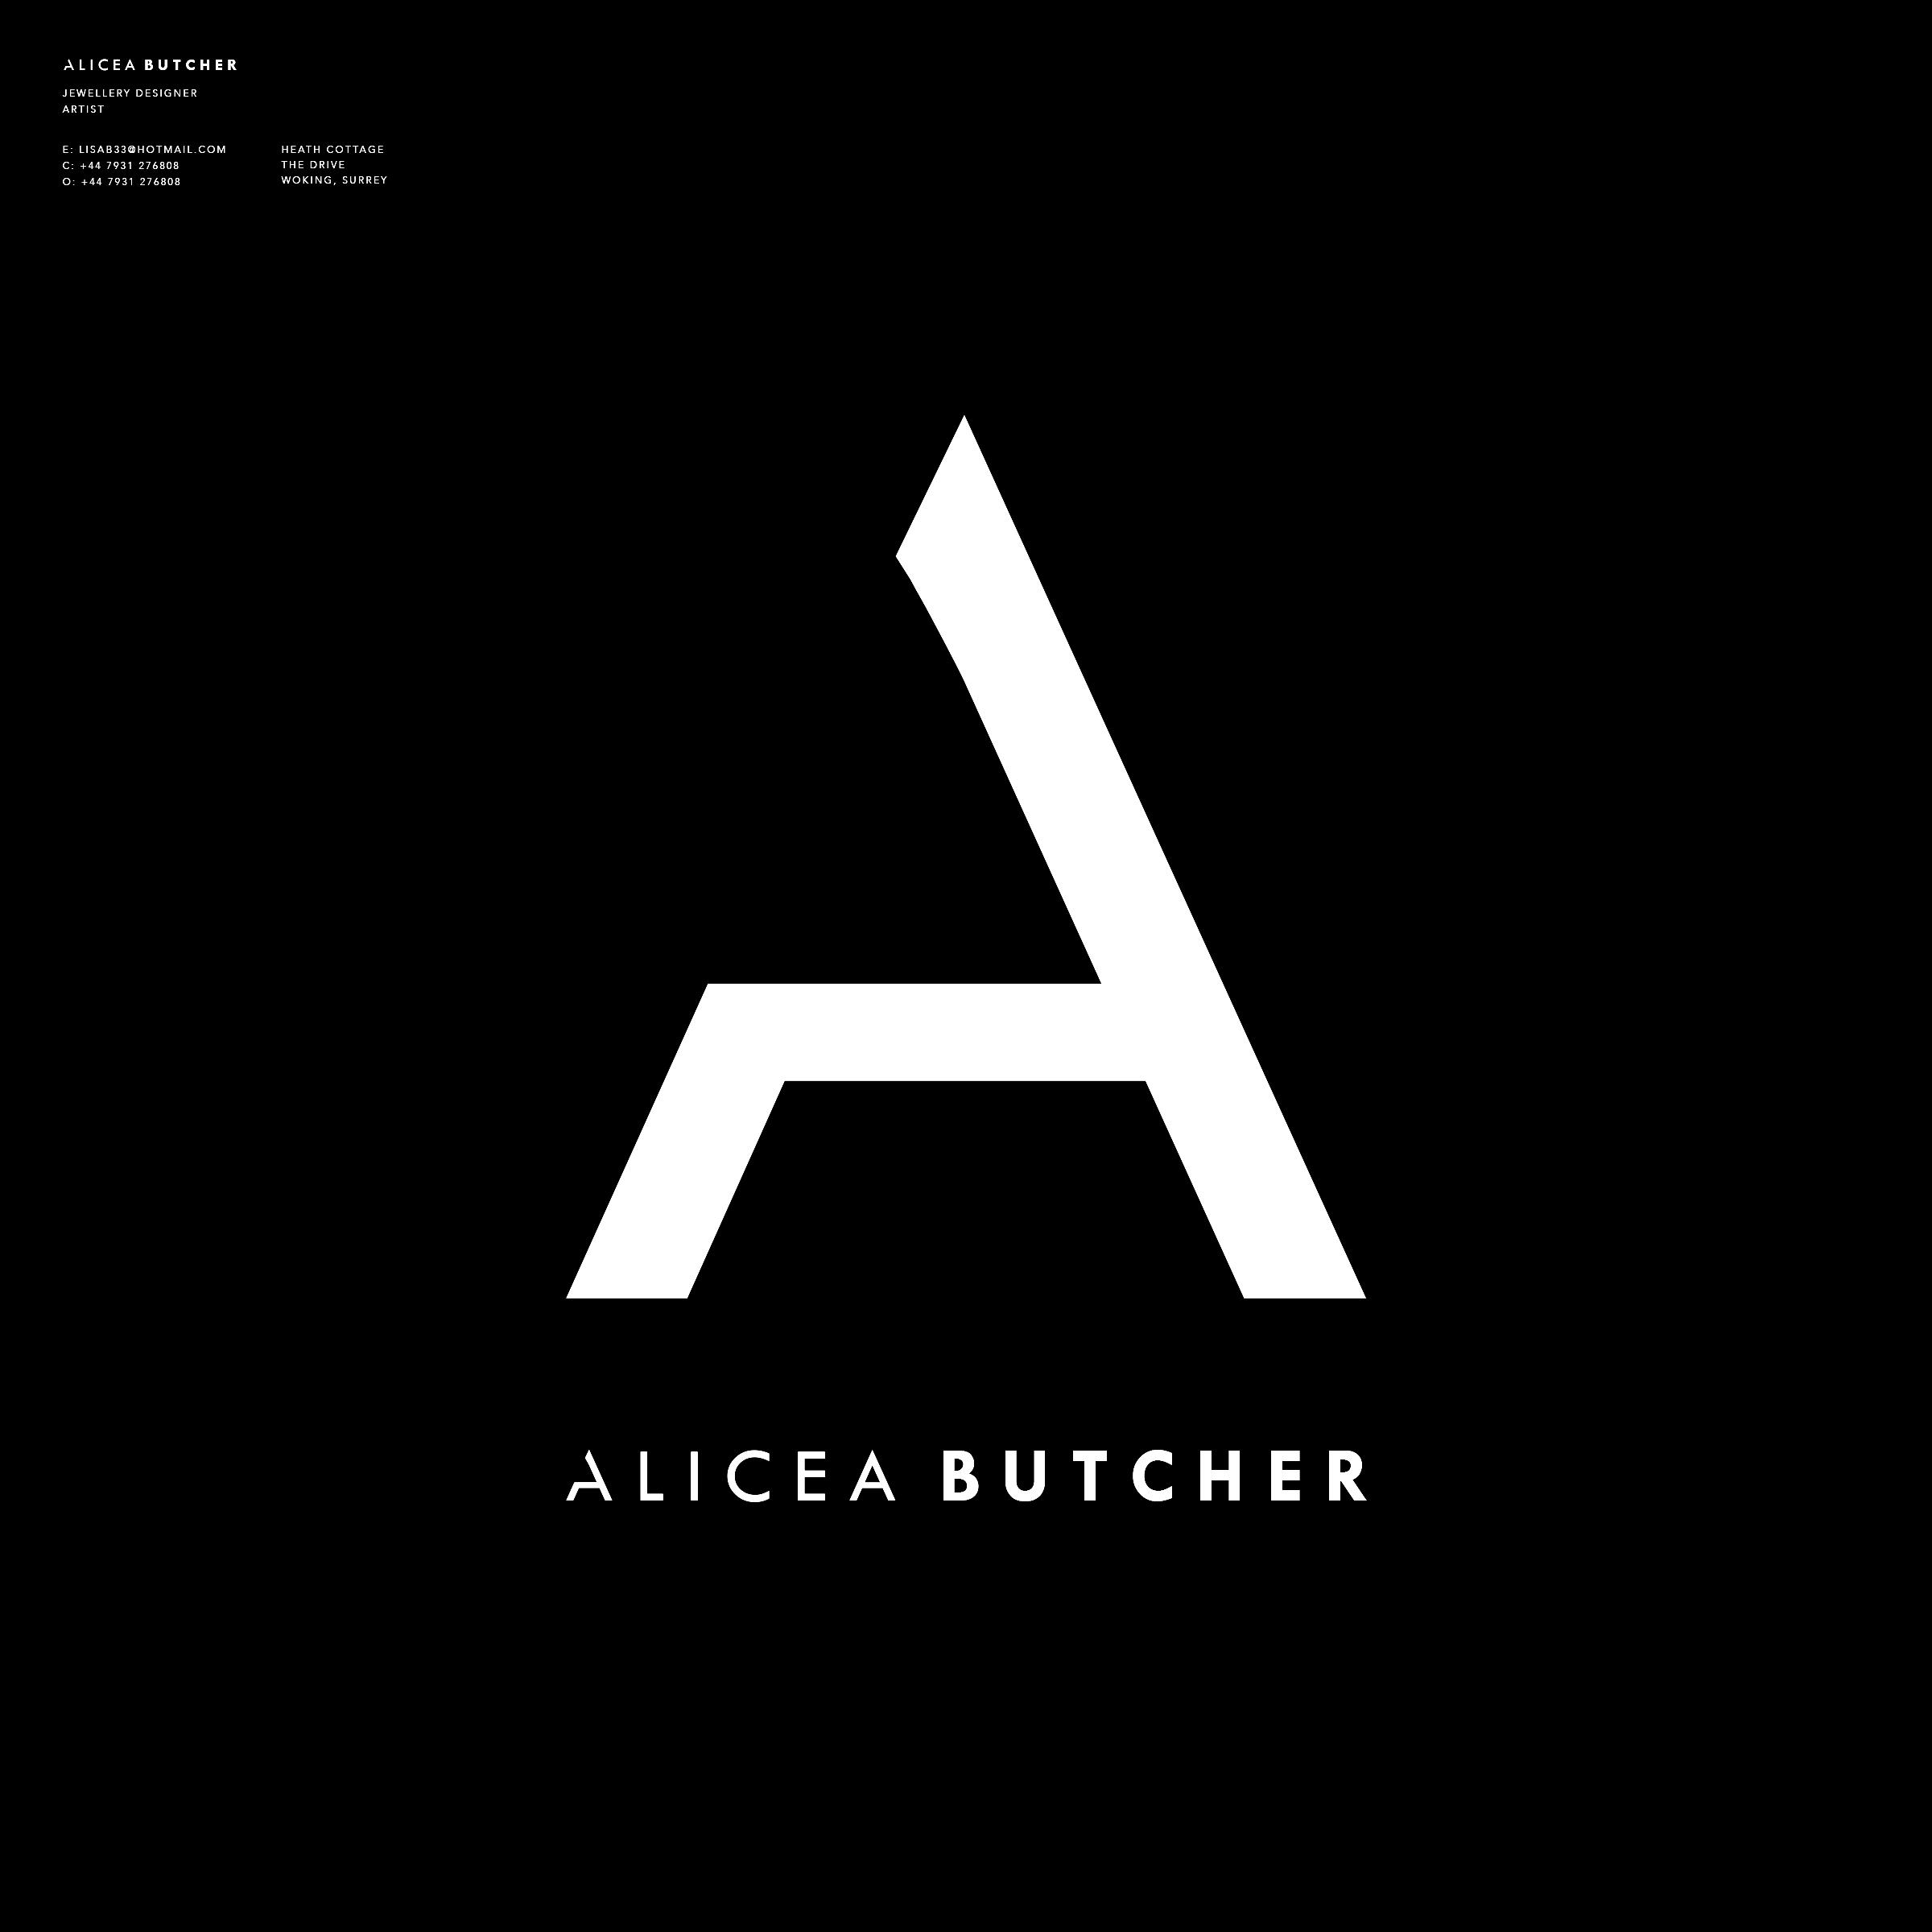 Yazmin_Monet_Butcher_AliceaButcher_01.png